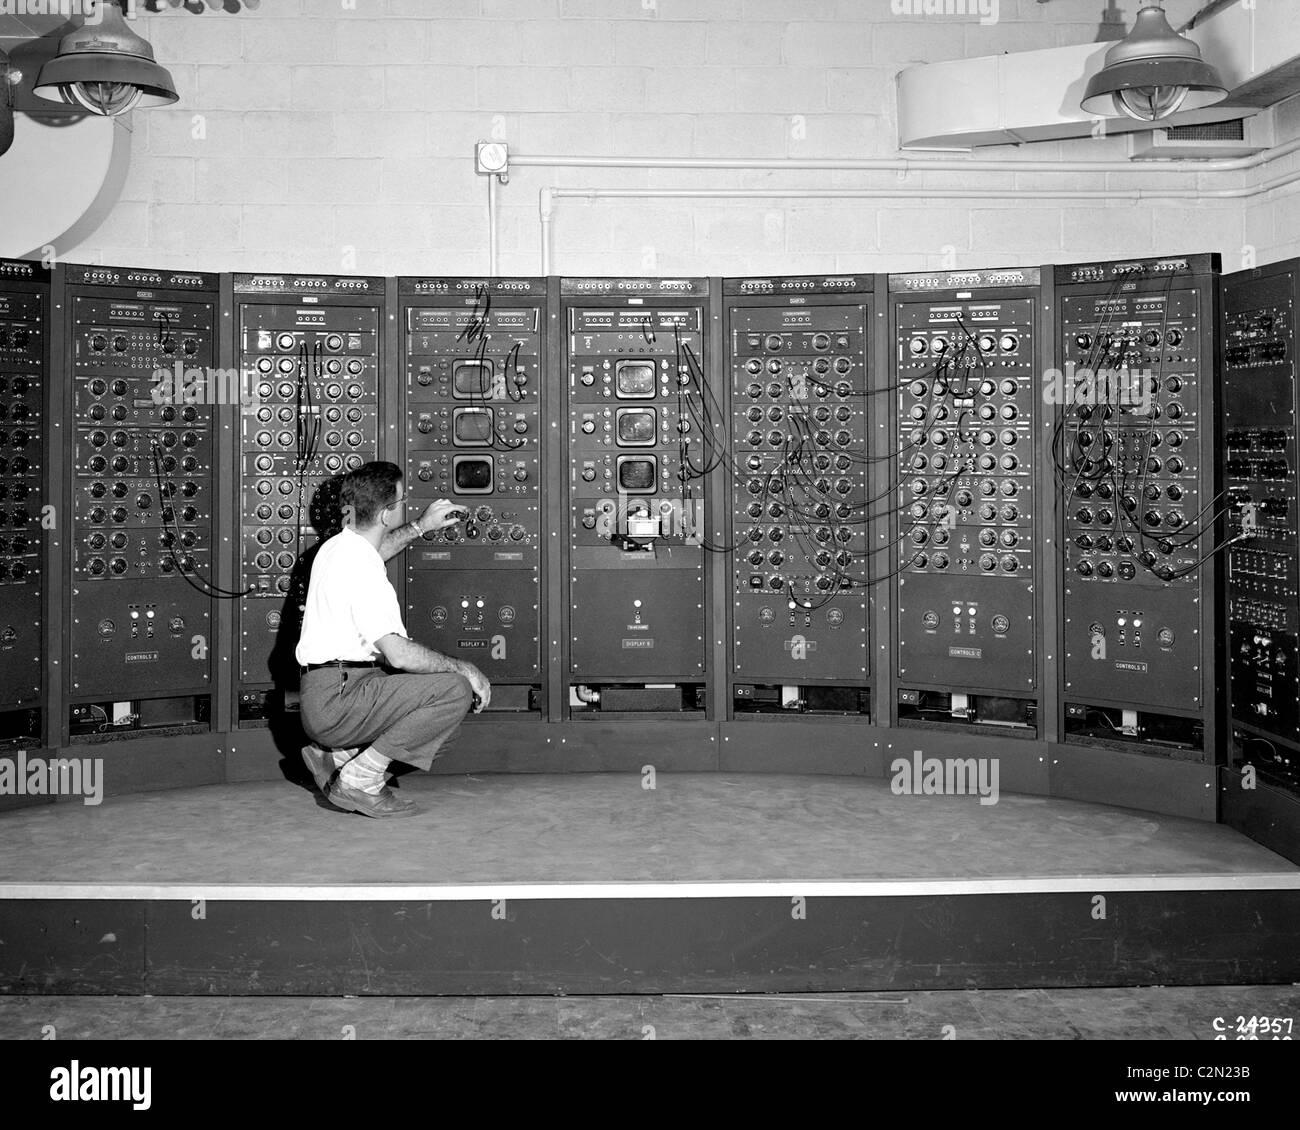 Elaborazione analogica macchina, una versione anticipata del computer moderno. Immagini Stock